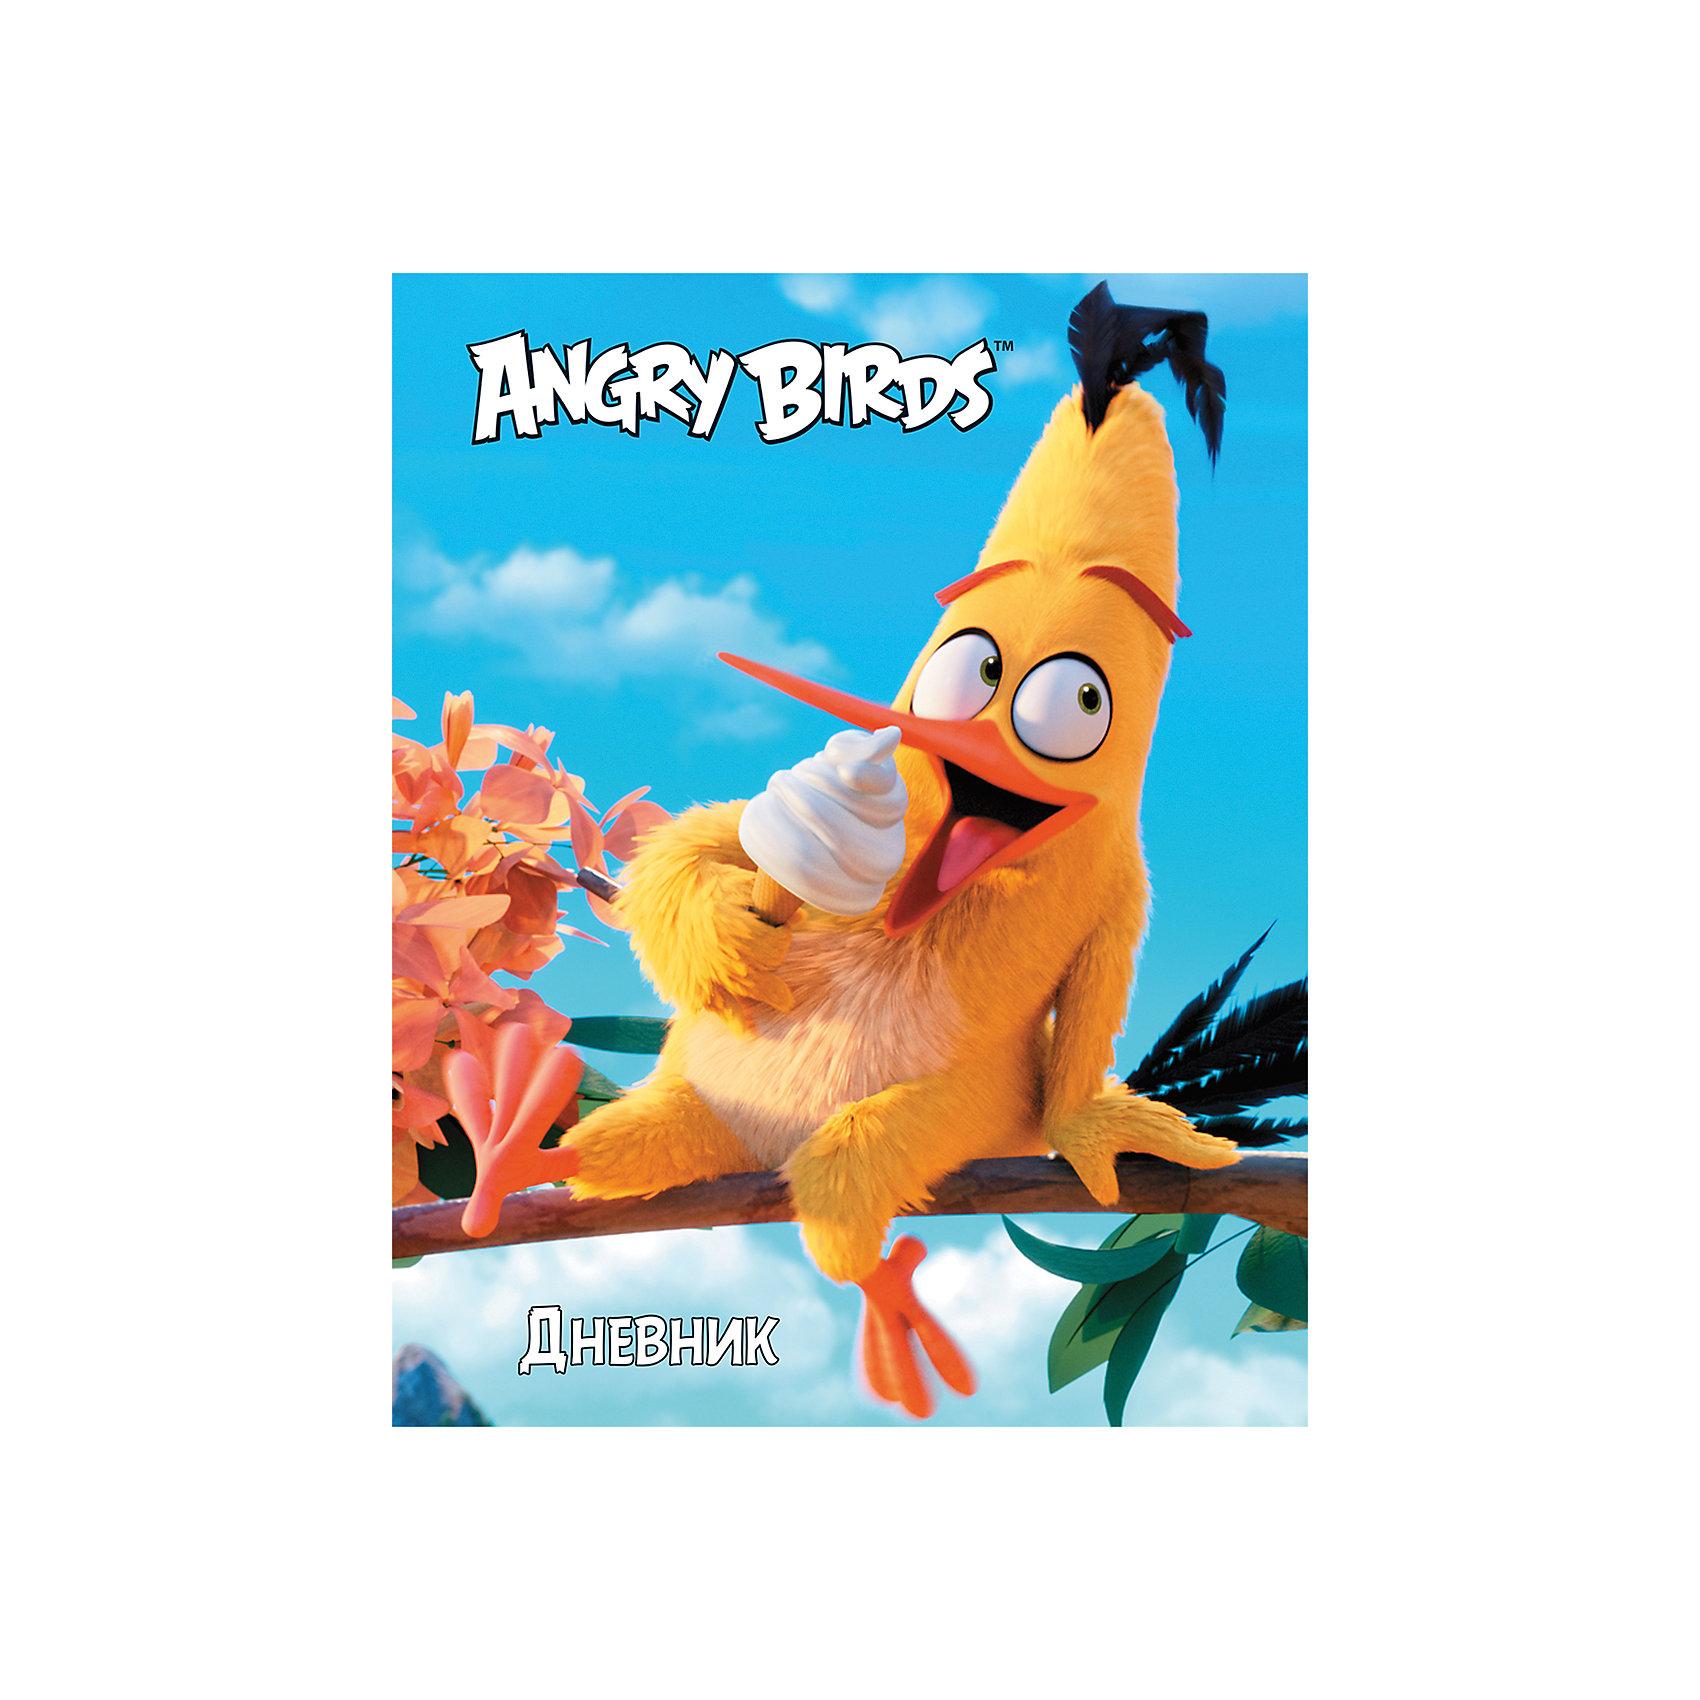 Дневник Хатбер, Angry BirdsУниверсальный дневник для учащихся младших и старших классов. Твердая обложка надежно защищает бумагу и долго сохраняет привлекательный внешний вид.<br><br>Дополнительная информация:<br><br>- Твердый переплет.<br>- Обложка с ламинацией.<br>- Внутренний блок - офсет.<br>- Размер упаковки: 21,5х17х0,9 см.<br>-  Вес в упаковке: 235 г.<br><br>Дневник Хатбер Angry Birds можно купить в нашем магазине.<br><br>Ширина мм: 215<br>Глубина мм: 170<br>Высота мм: 9<br>Вес г: 235<br>Возраст от месяцев: 72<br>Возраст до месяцев: 204<br>Пол: Унисекс<br>Возраст: Детский<br>SKU: 4792792